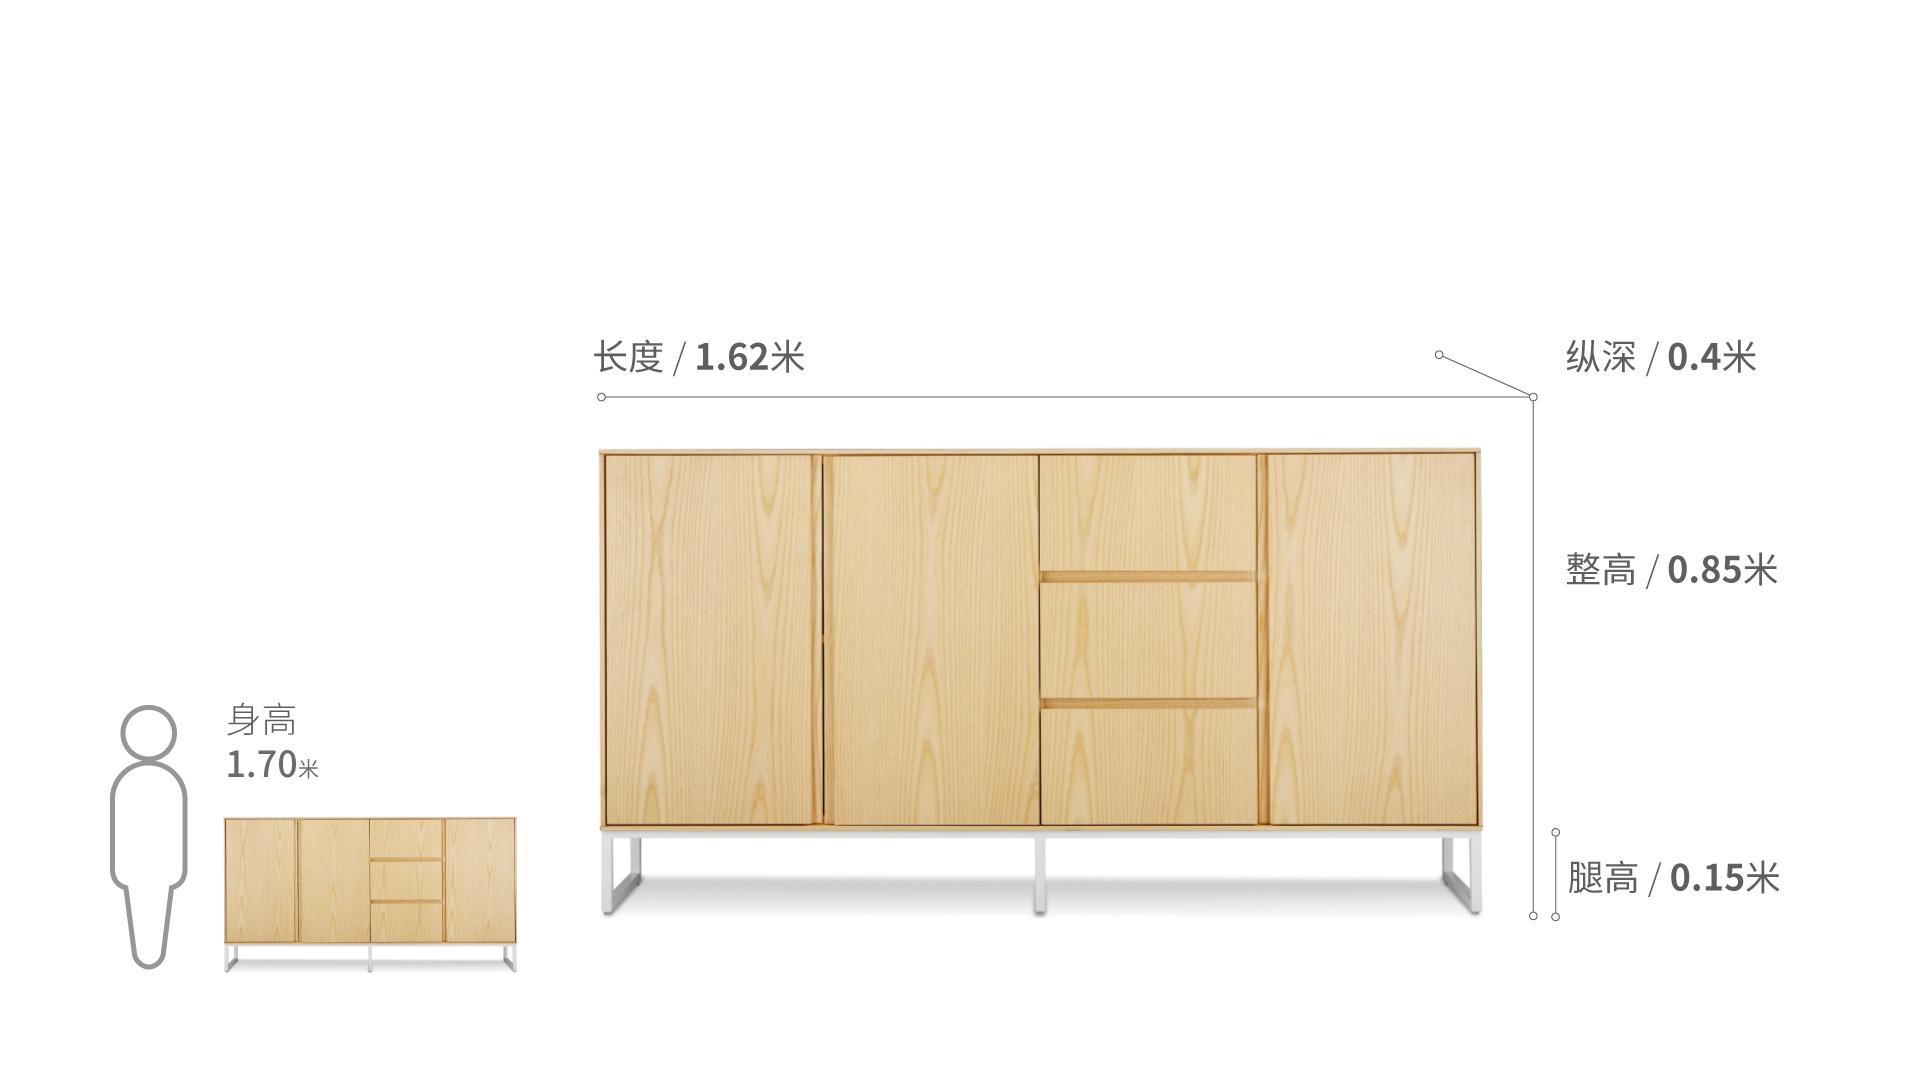 新画板餐边柜柜架效果图